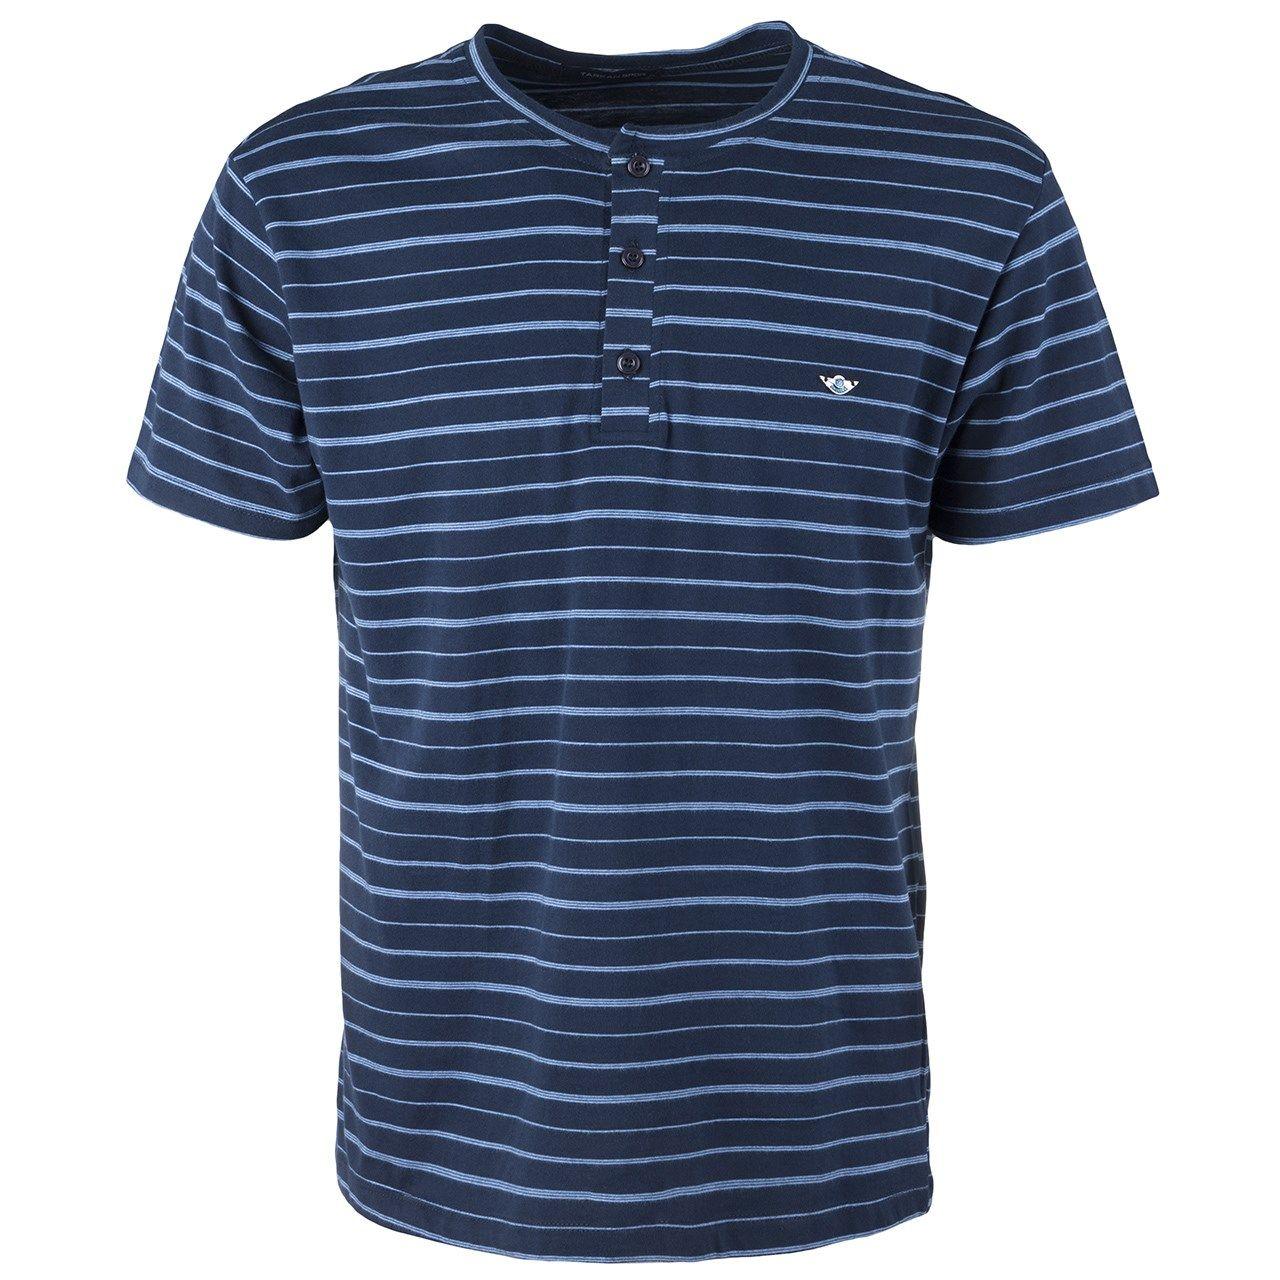 تی شرت مردانه تارکان مدل 13 -  - 1